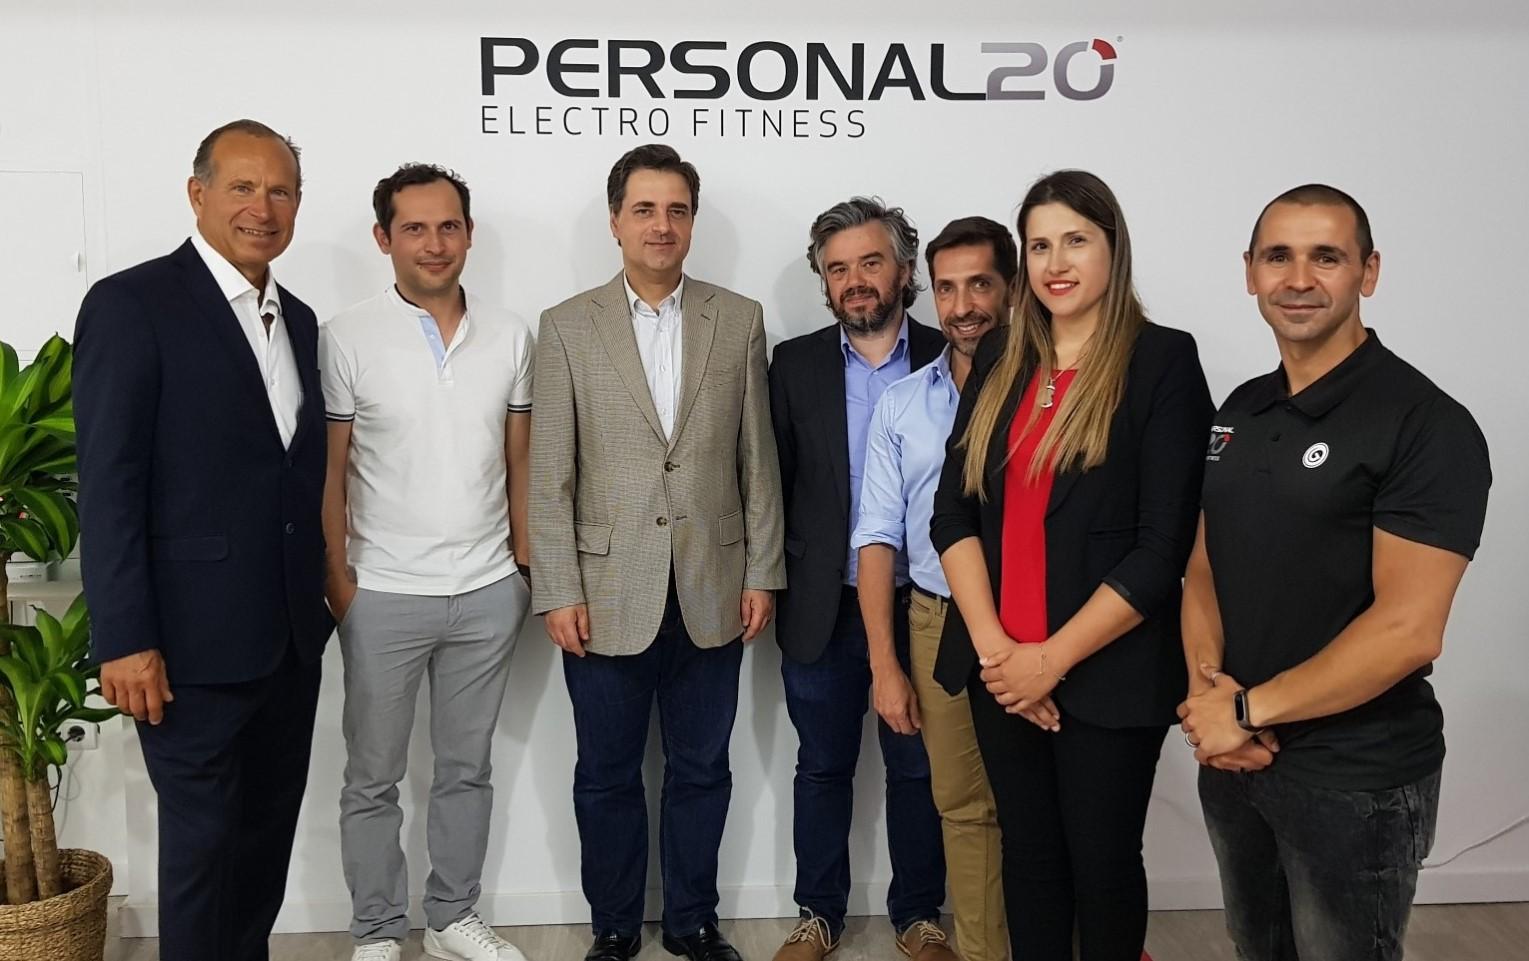 Personal20 inaugura en Braga, Portugal, un nuevo gimnasio